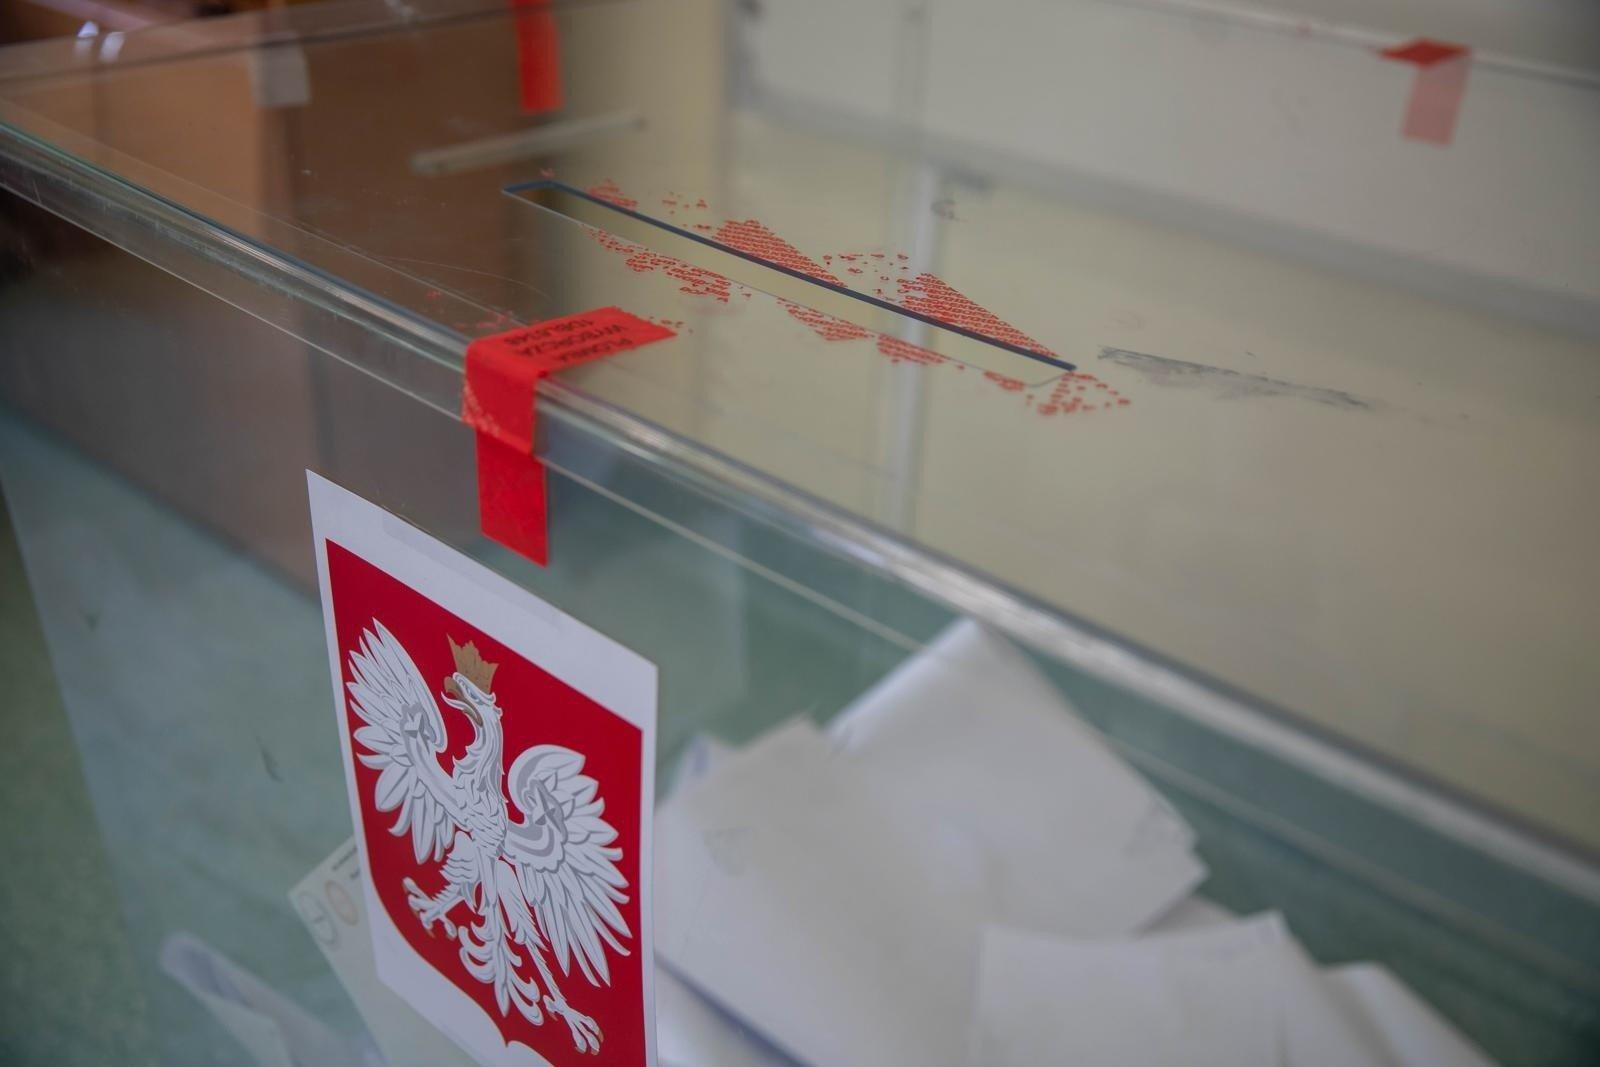 Wybory prezydenckie 2020. Głosowanie korespondencyjne dla wszystkich wyborców? Prawo i Sprawiedliwość złożyło projekt ustawy | Polska Times